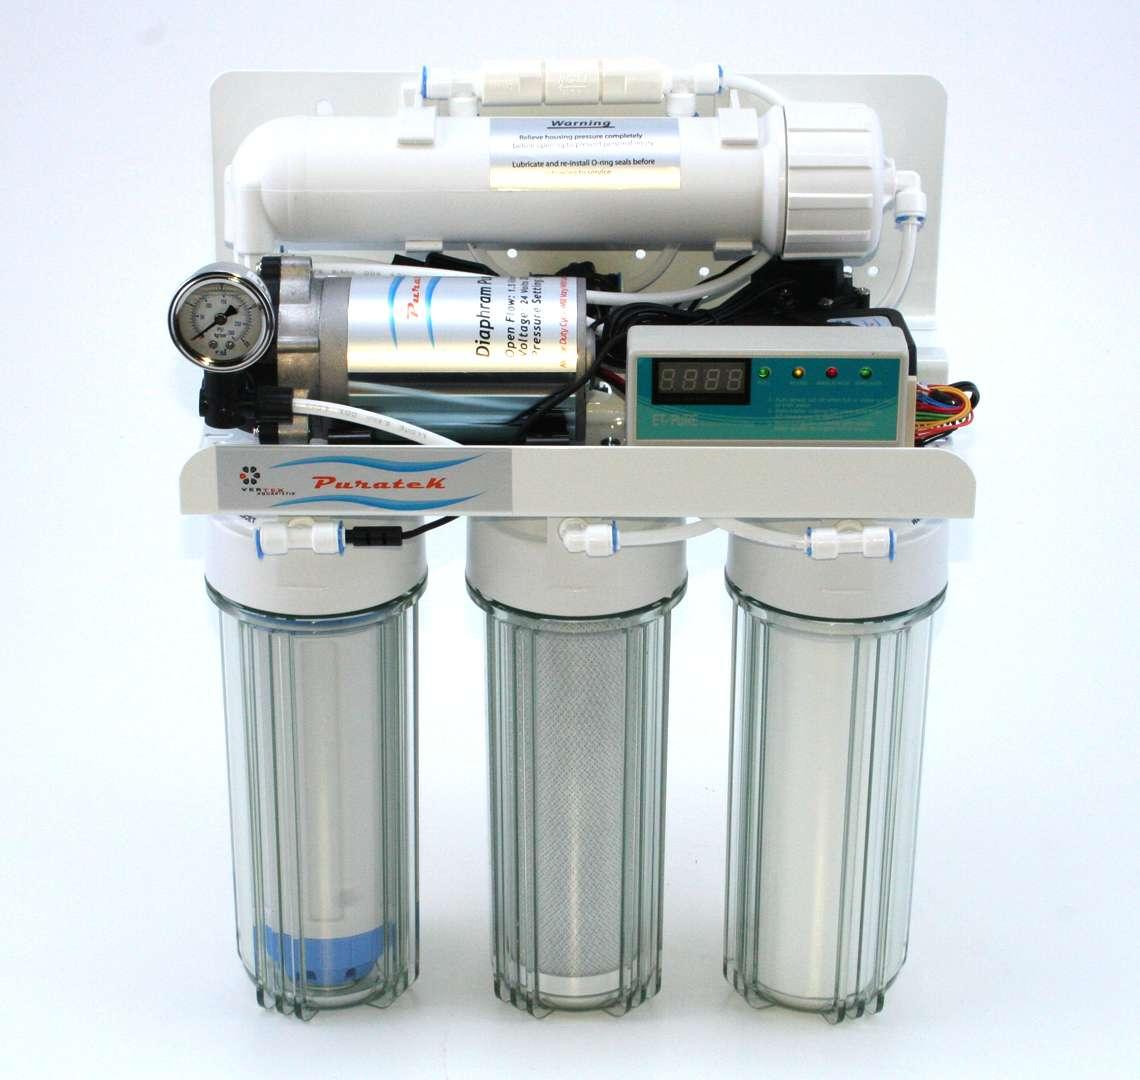 Un modèle d'osmoseur utilisant l'osmose inverse dans le but de filtrer l'eau de façon optimale. © Kingfish101, Wikimedia Commons, cc by sa 3.0